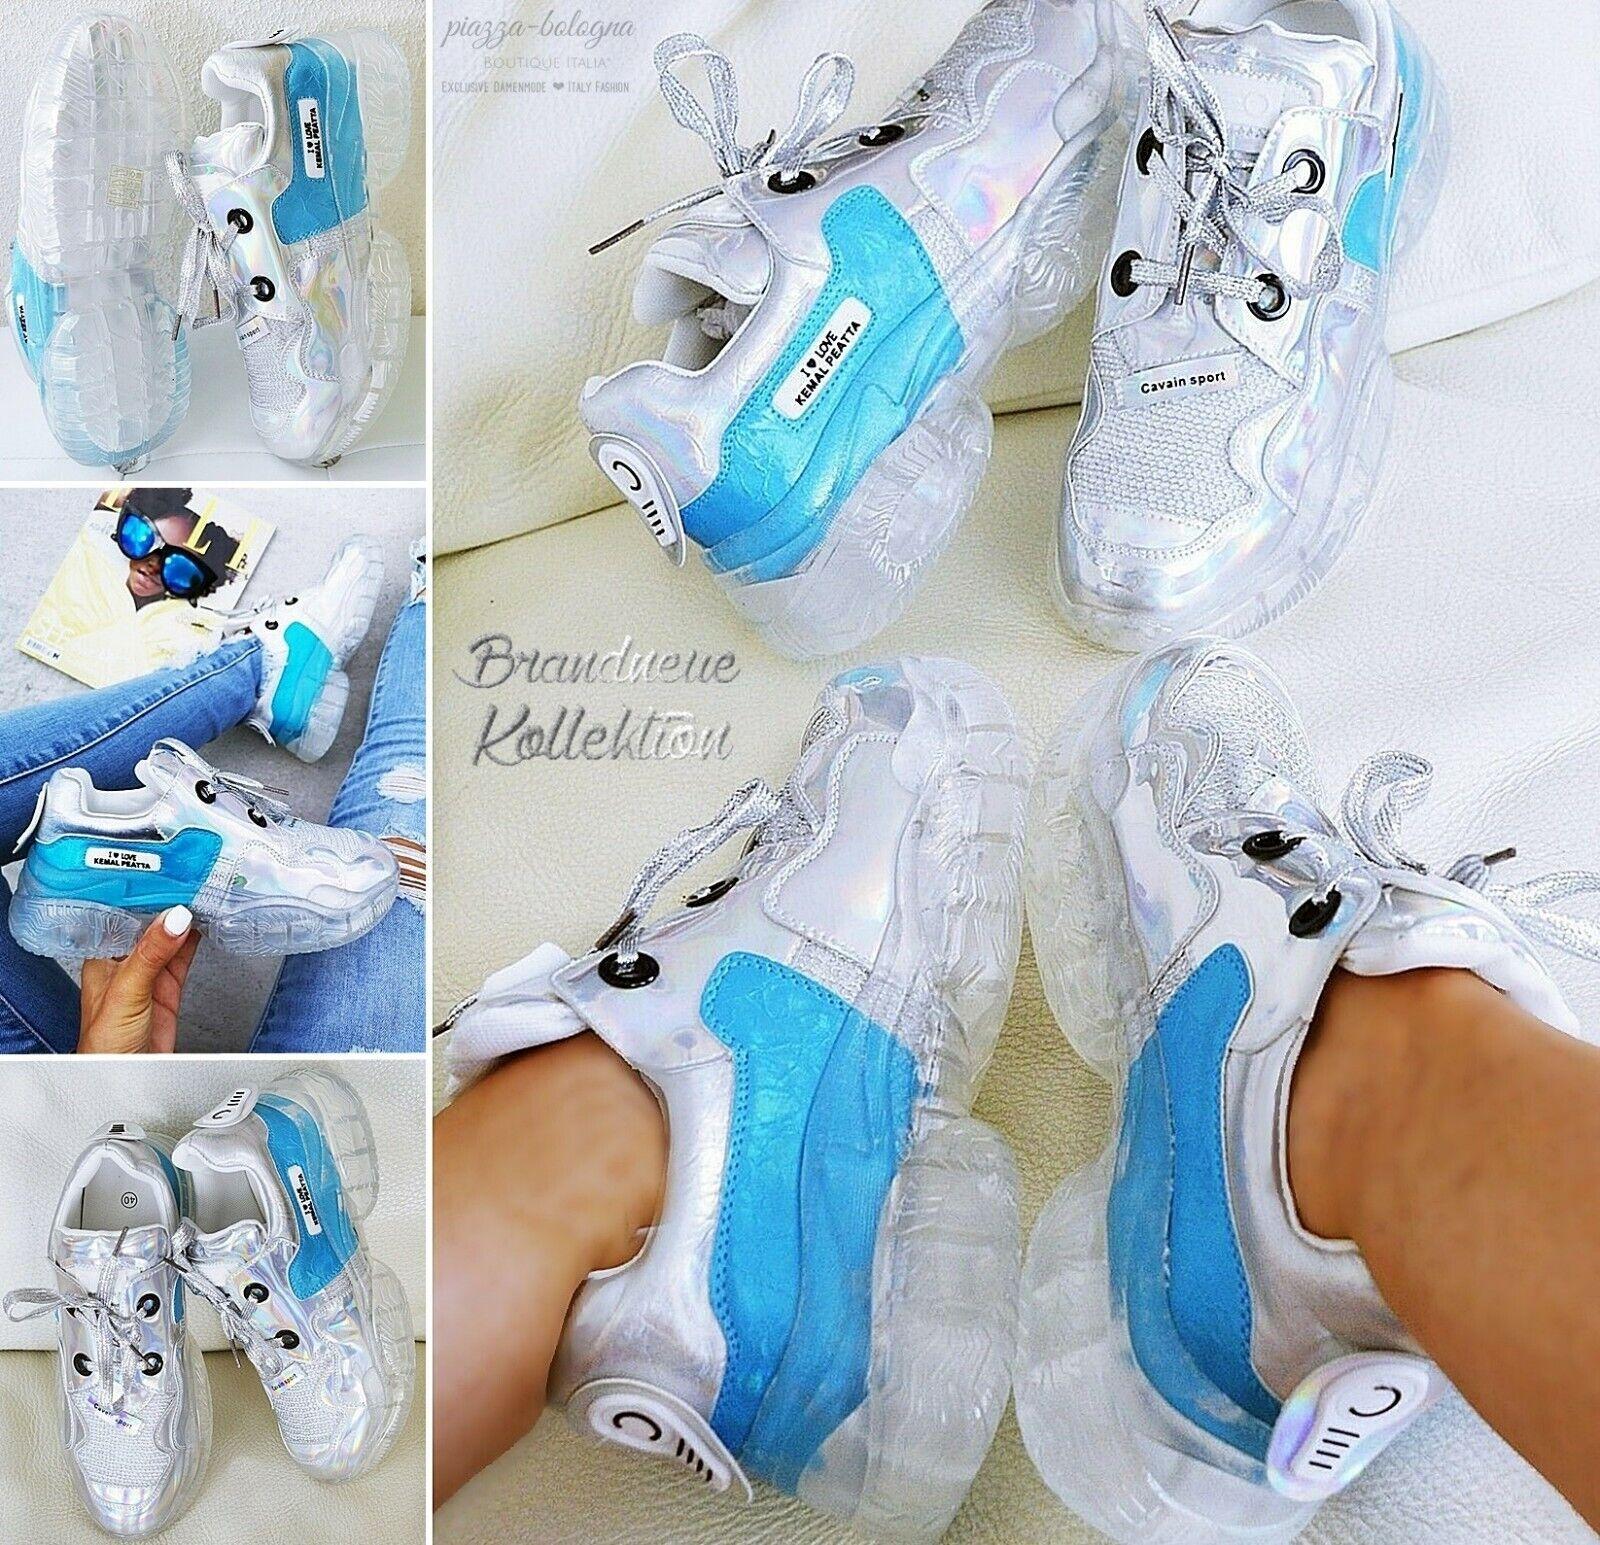 NEU GR. 41 Damen HOLO Glanz AIR Sportschuhe Sneakers Glitzer Regenbogen Blau-Mix